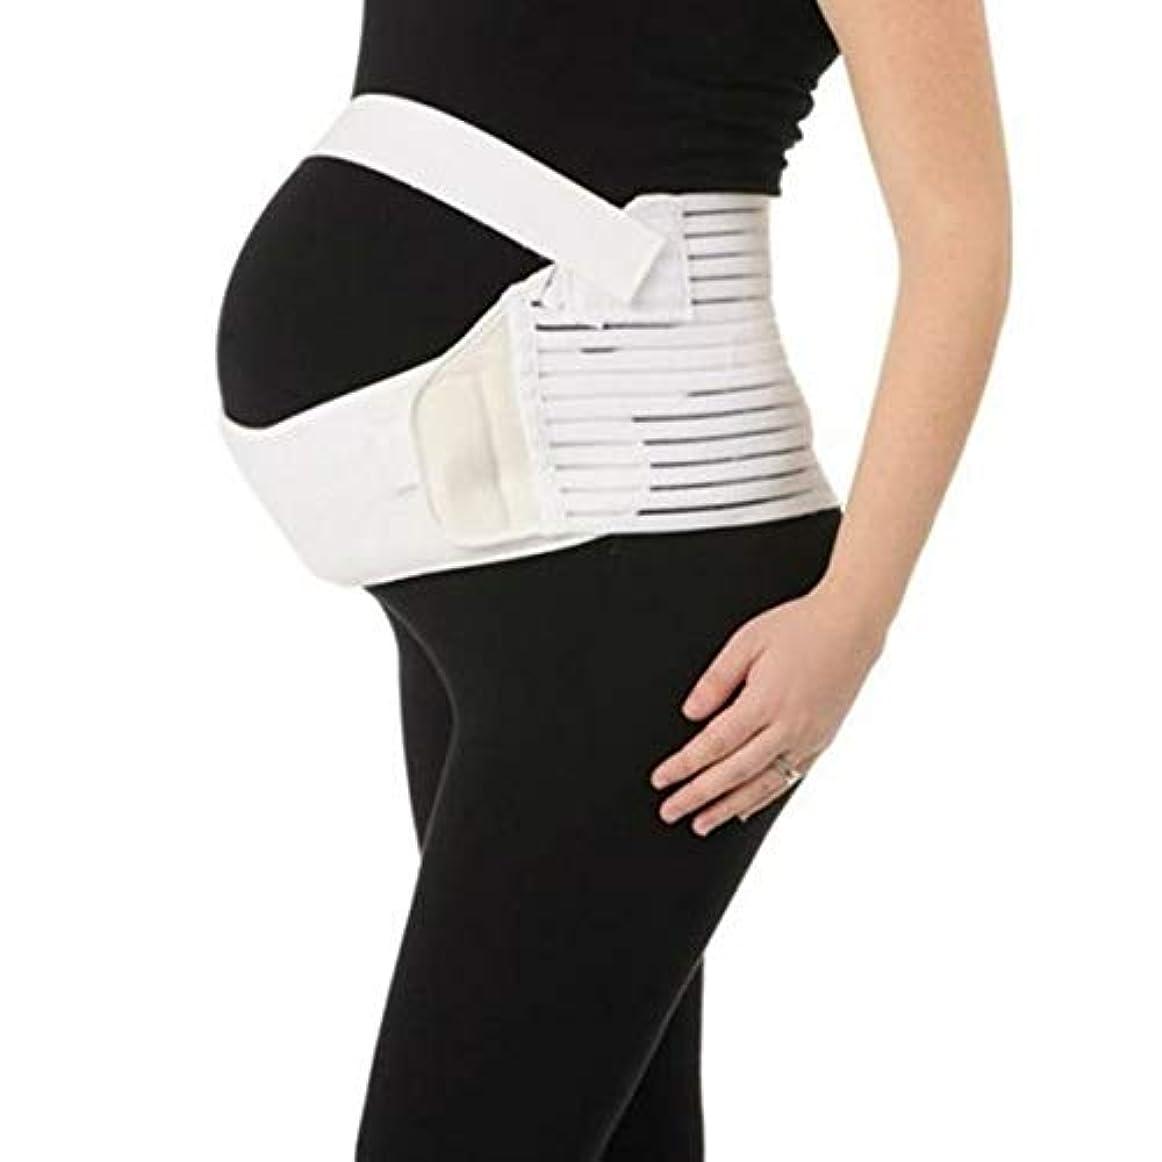 ライセンスわずかな十年通気性産科ベルト妊娠腹部サポート腹部バインダーガードル運動包帯産後の回復形状ウェア - ホワイトM